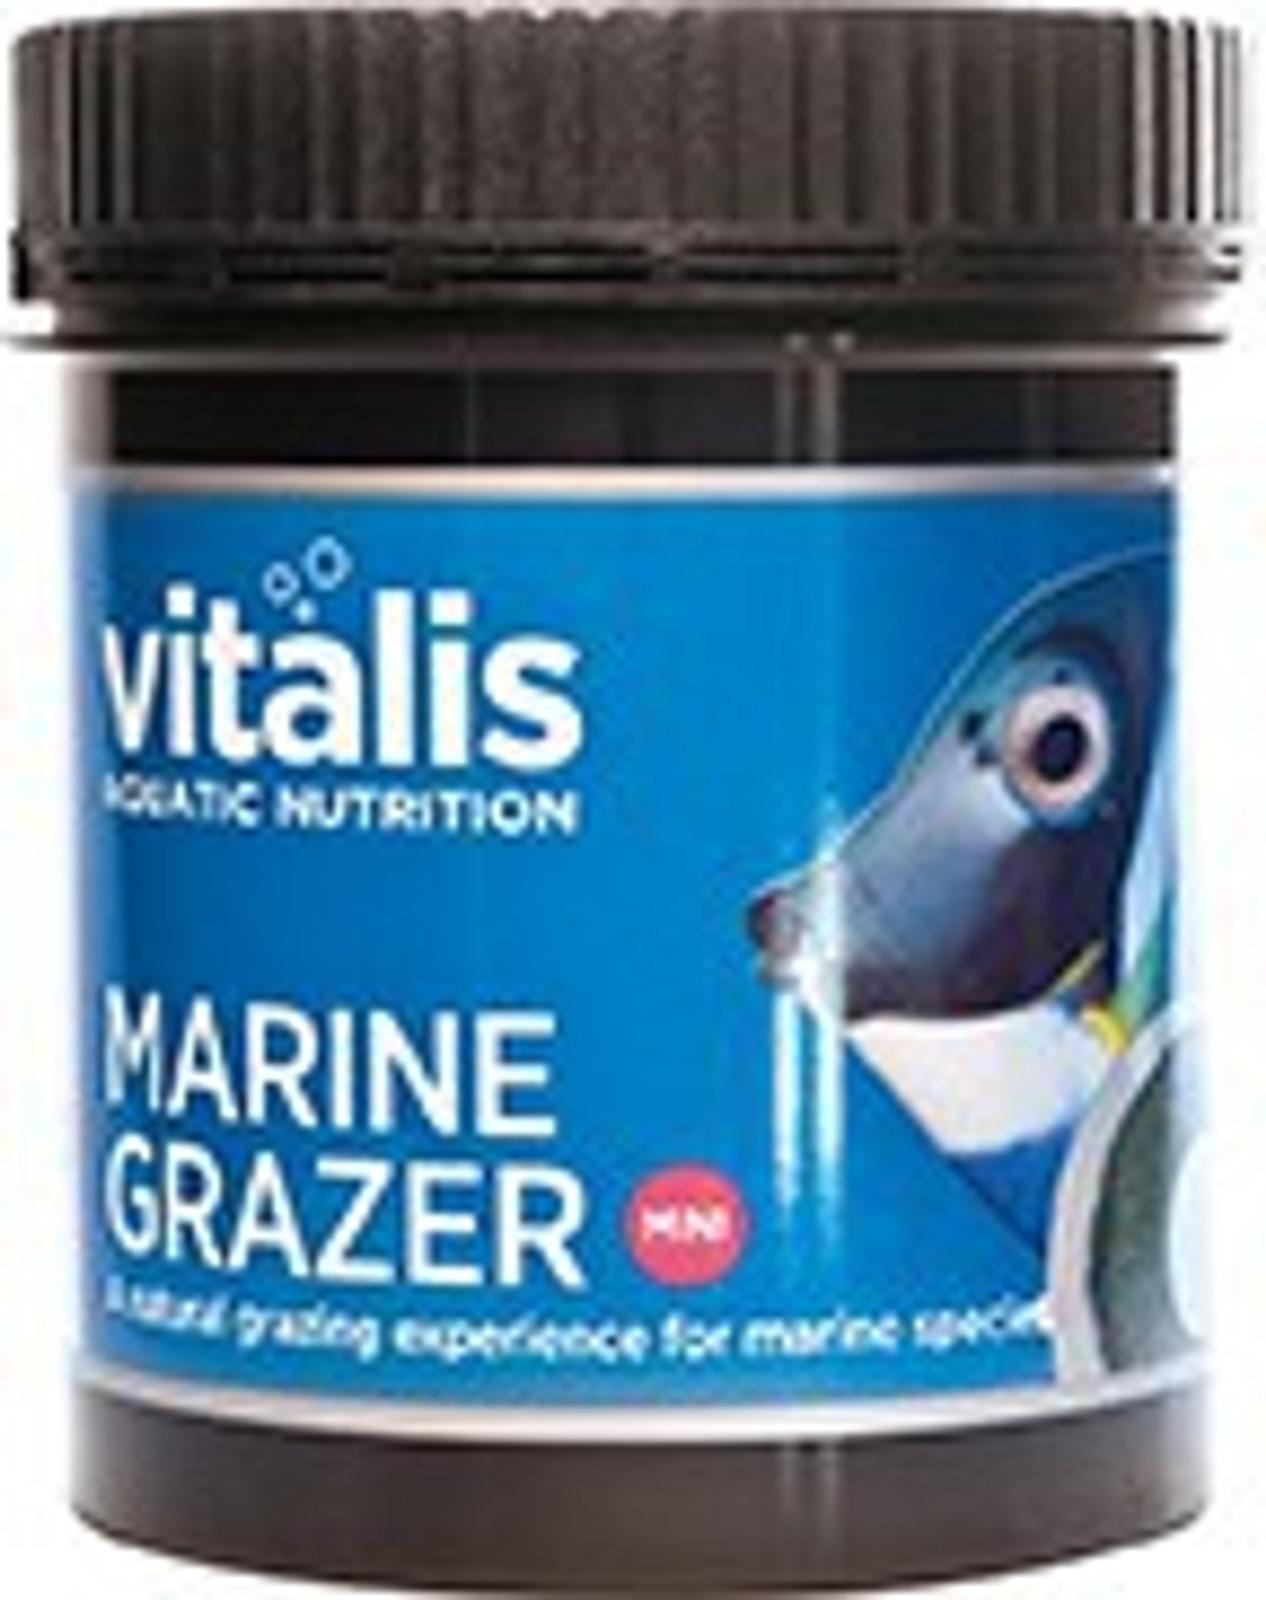 vitalis Marine Grazer 110 g, ca. 26 Stk. inkl. Saugnapf für Meerwasserfische – Bild 1